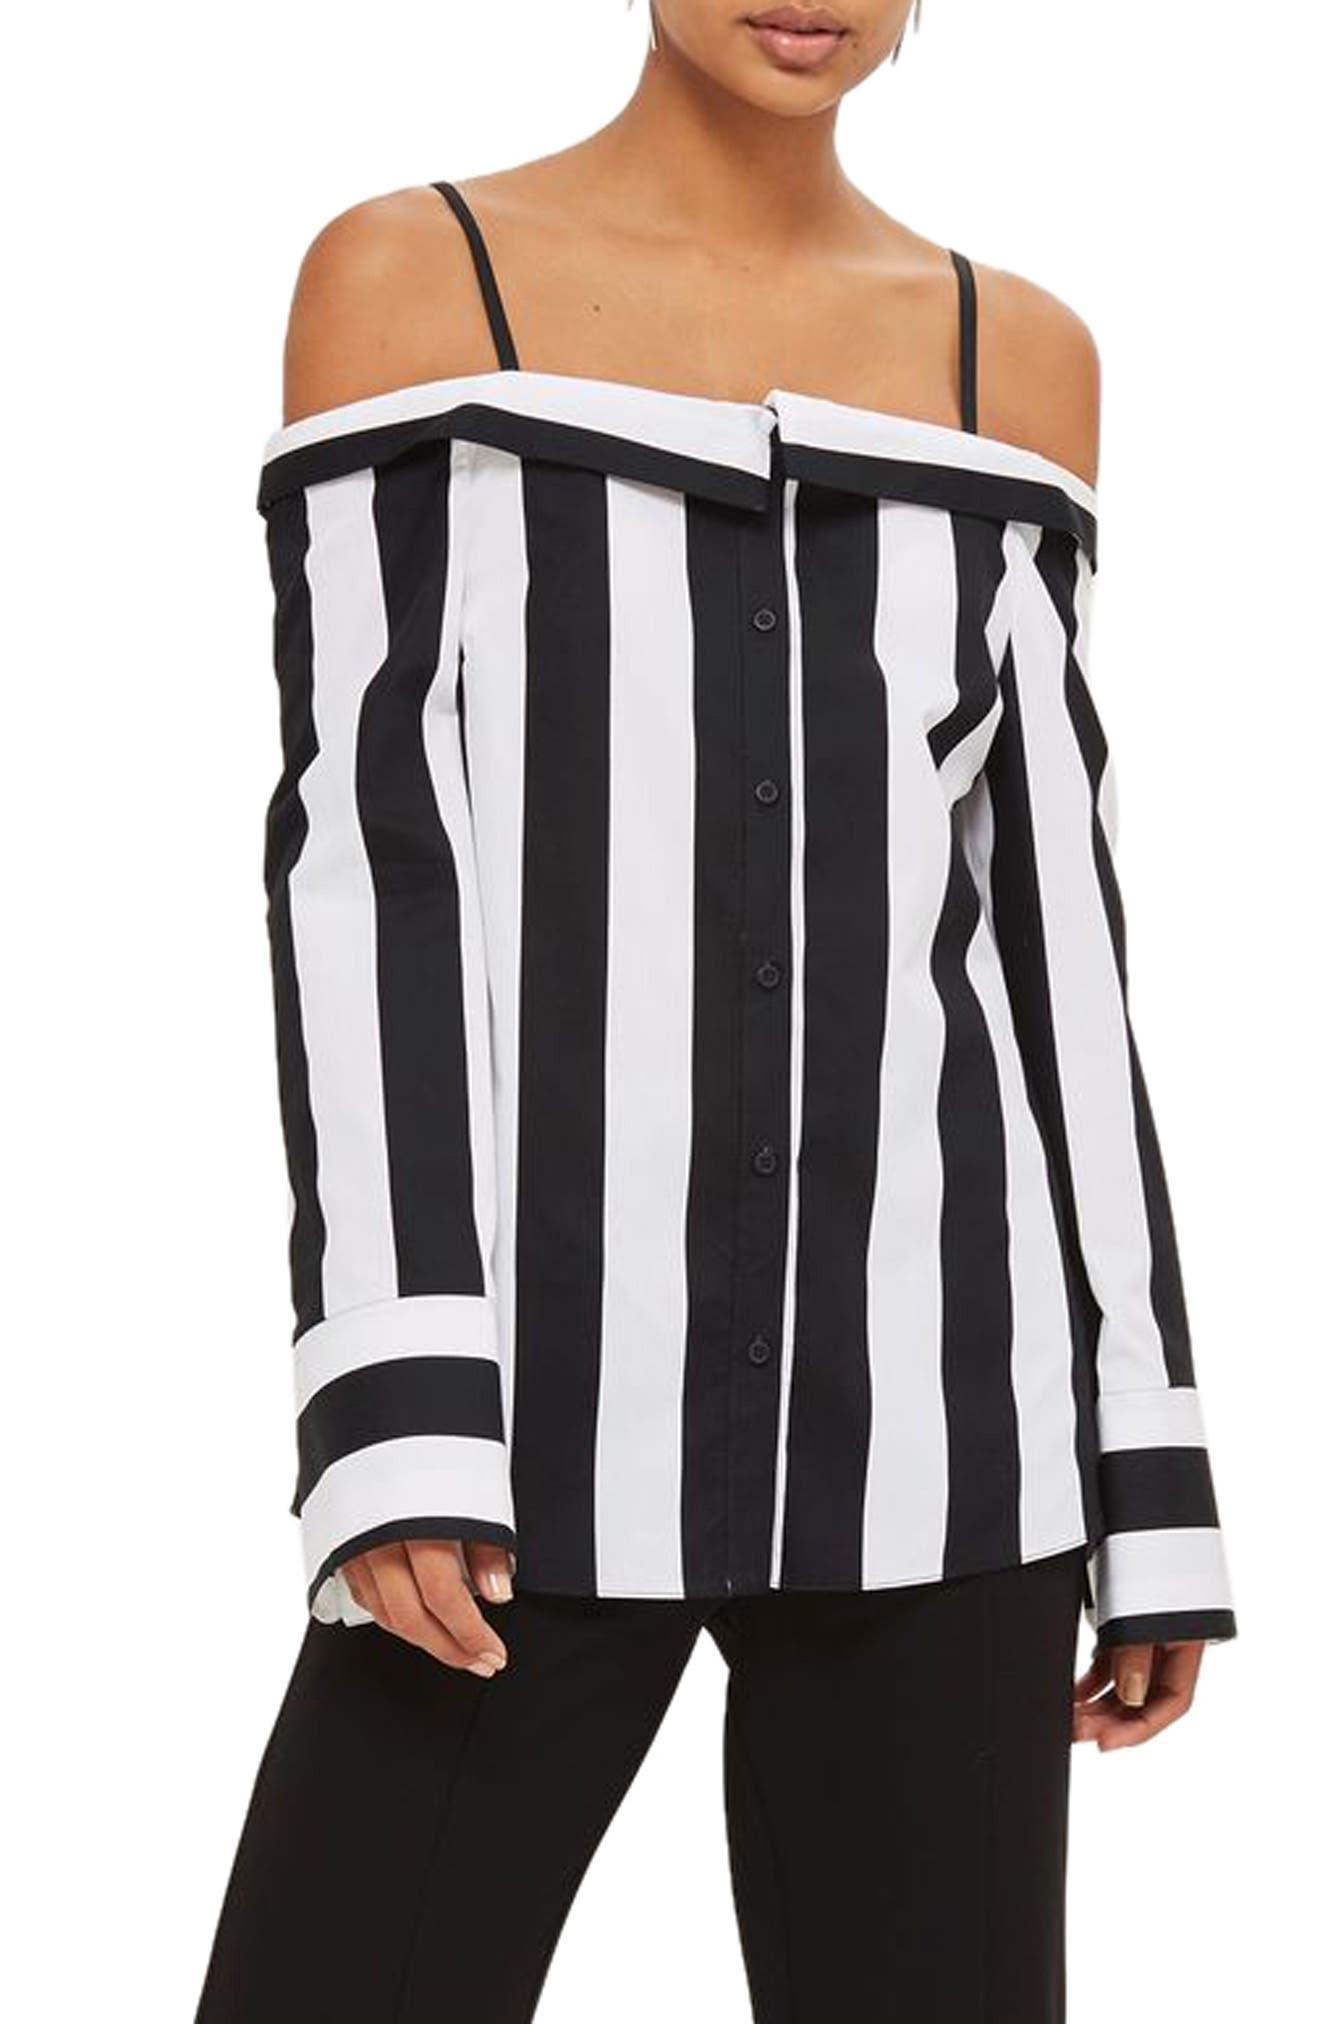 Humbug Stripe Off the Shoulder Shirt,                         Main,                         color,